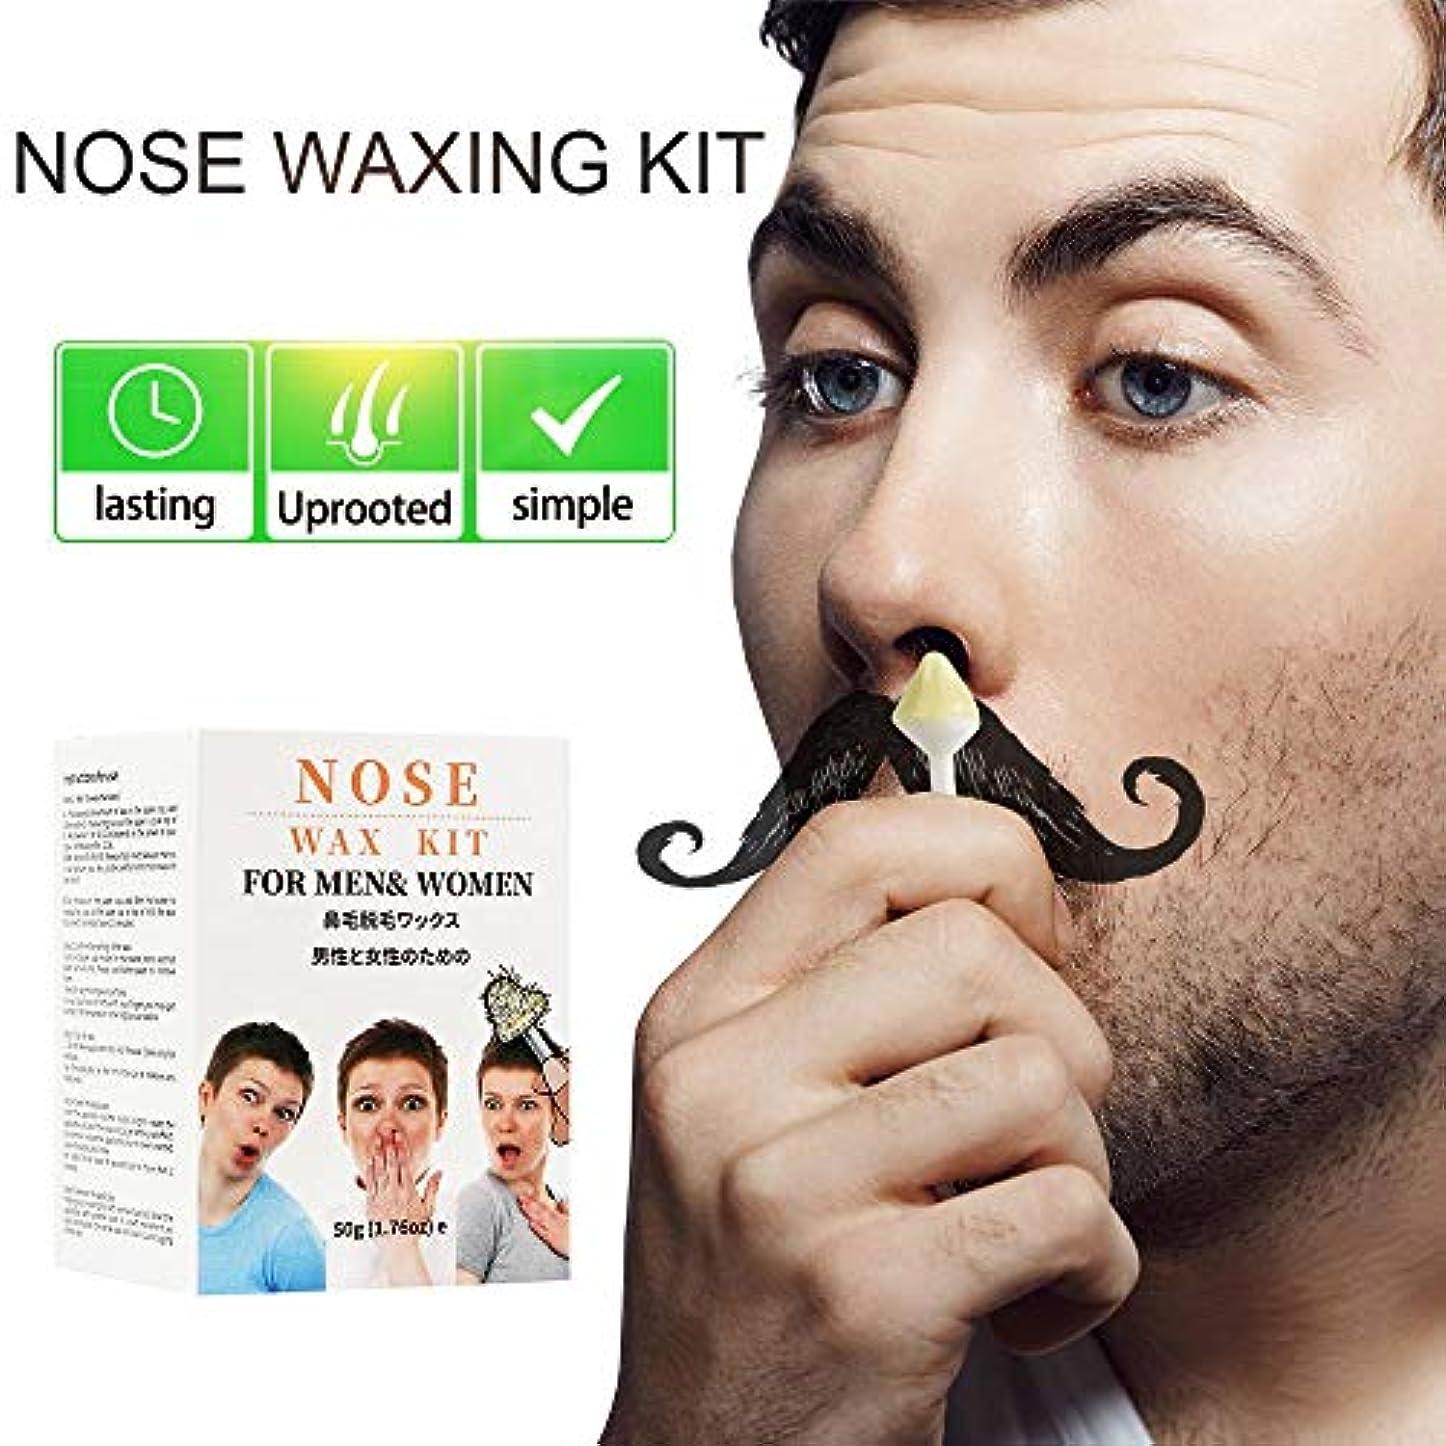 晩ごはん夫婦竜巻安全なチップアプリケーター付き鼻毛除去ワックスキット、安全、簡単、迅速かつ痛みのない50g鼻ワックス、10紙コップ、1計量カップ、8ゴーティステッカー、20鼻毛除去プラー